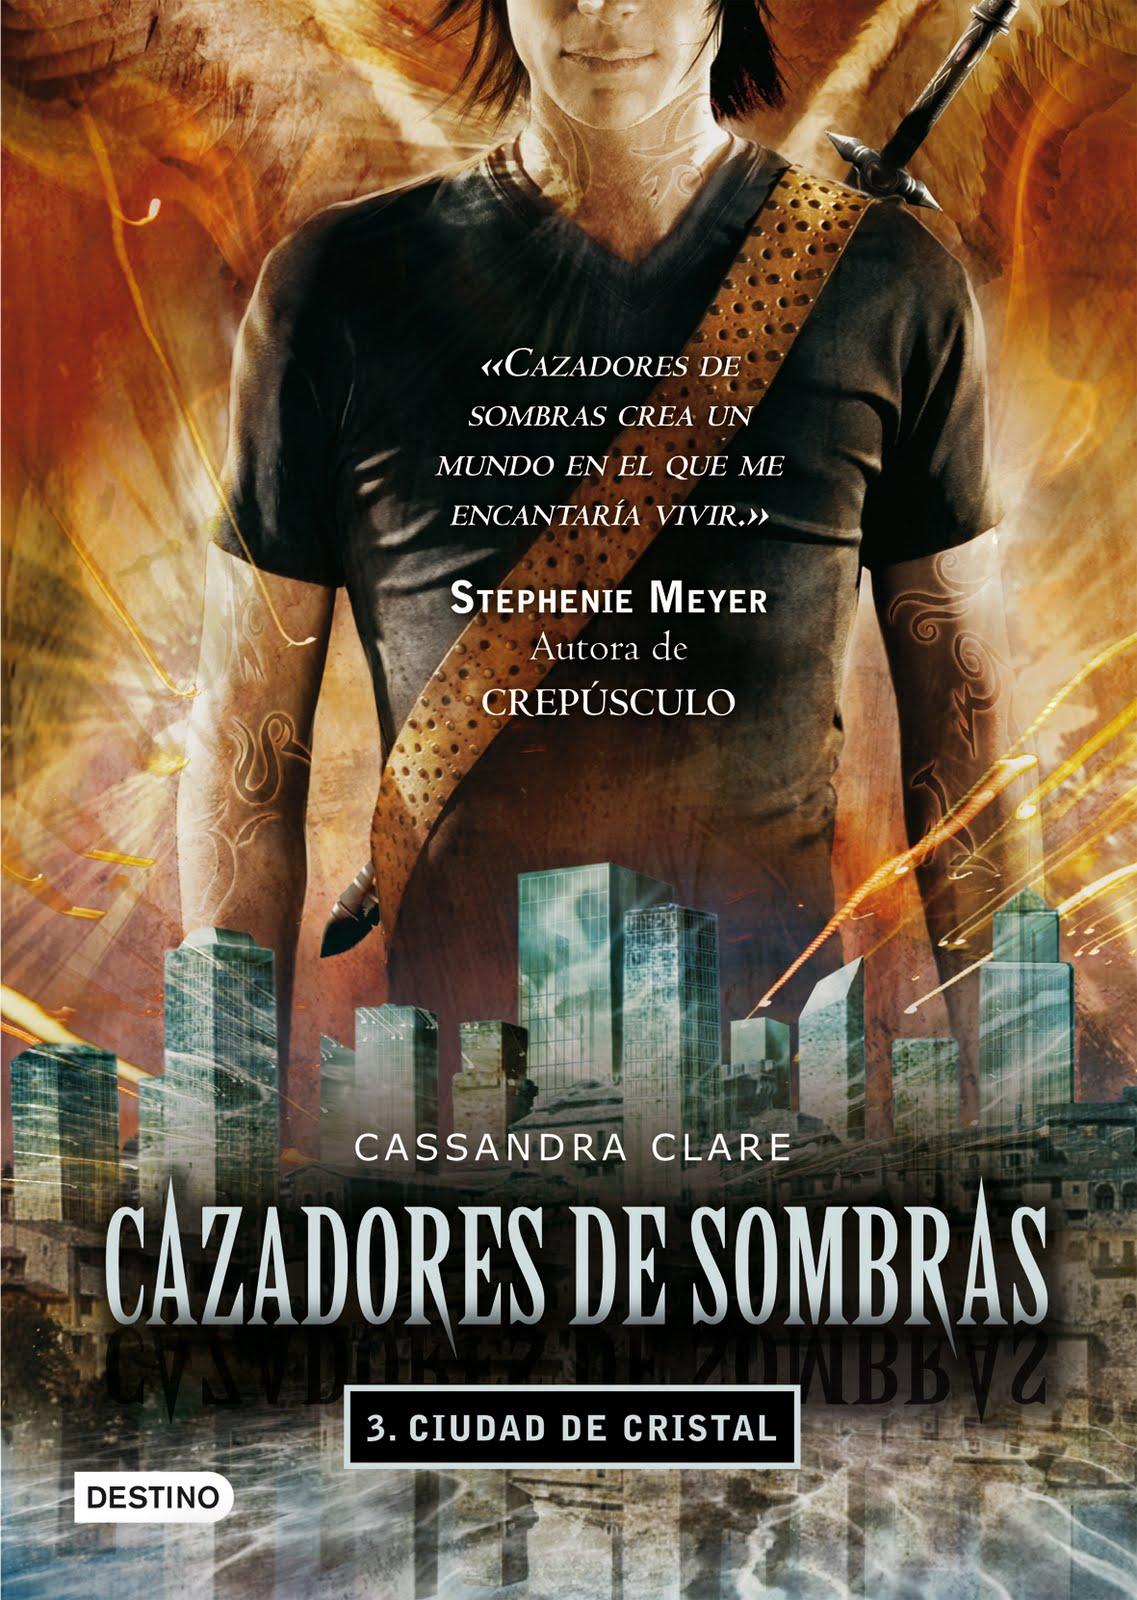 http://labibliotecadebella.blogspot.com.es/2015/12/cazadores-de-sombras-ciudad-de-cristal.html